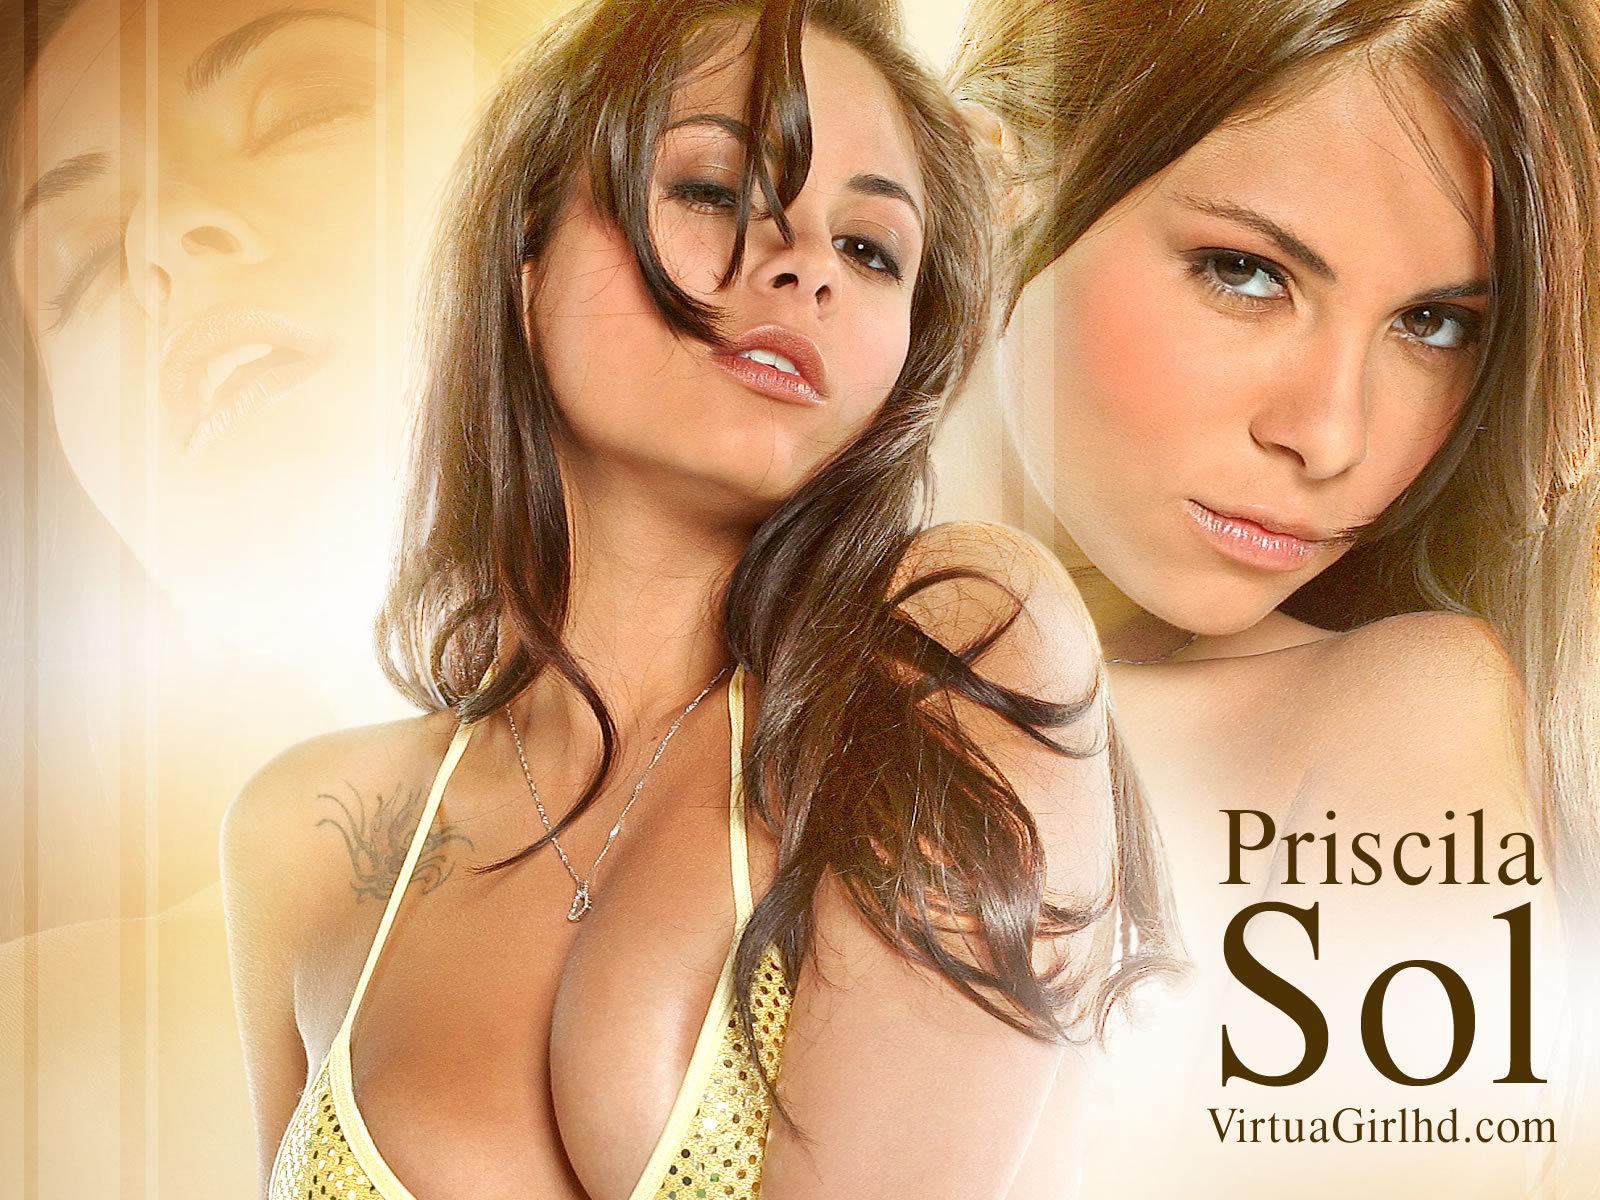 Присцилла сол бессмертна 1 фотография